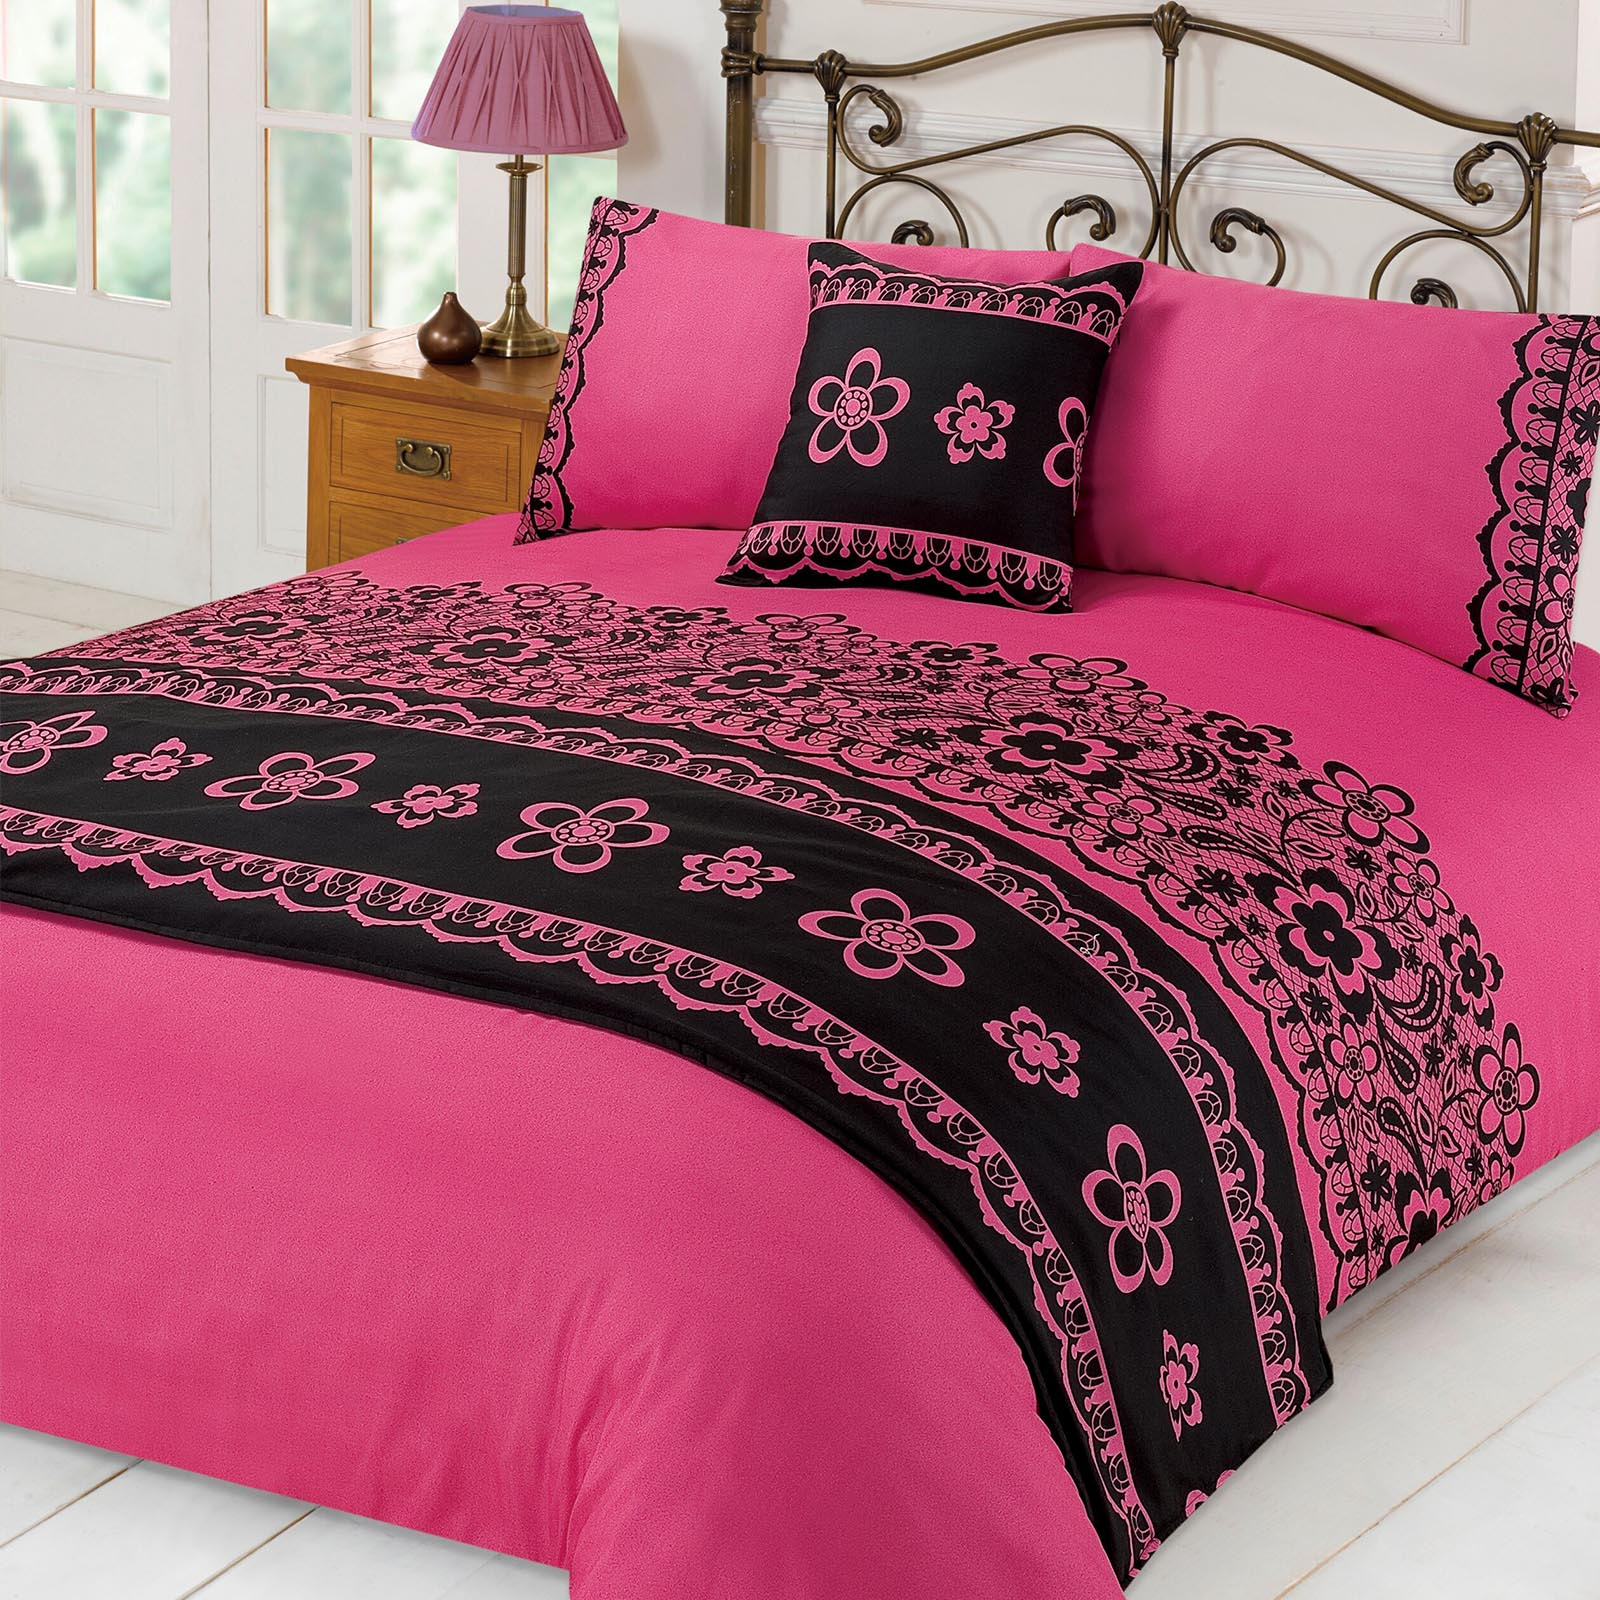 spitze bettbezug mit kissenbez ge l ufer bett im beutel. Black Bedroom Furniture Sets. Home Design Ideas